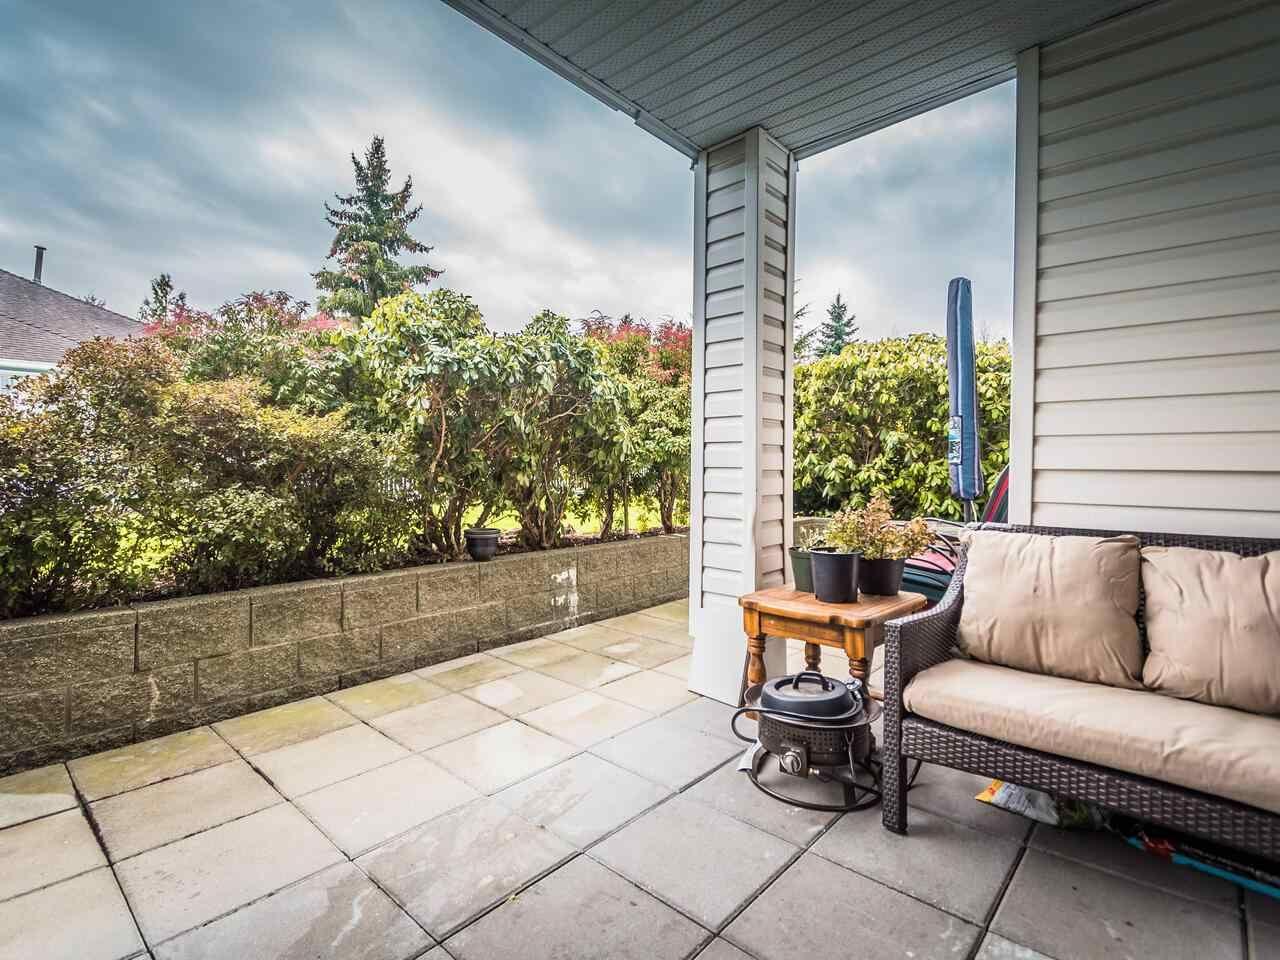 Photo 22: Photos: 108 13918 72 Avenue in Surrey: East Newton Condo for sale : MLS®# R2538723